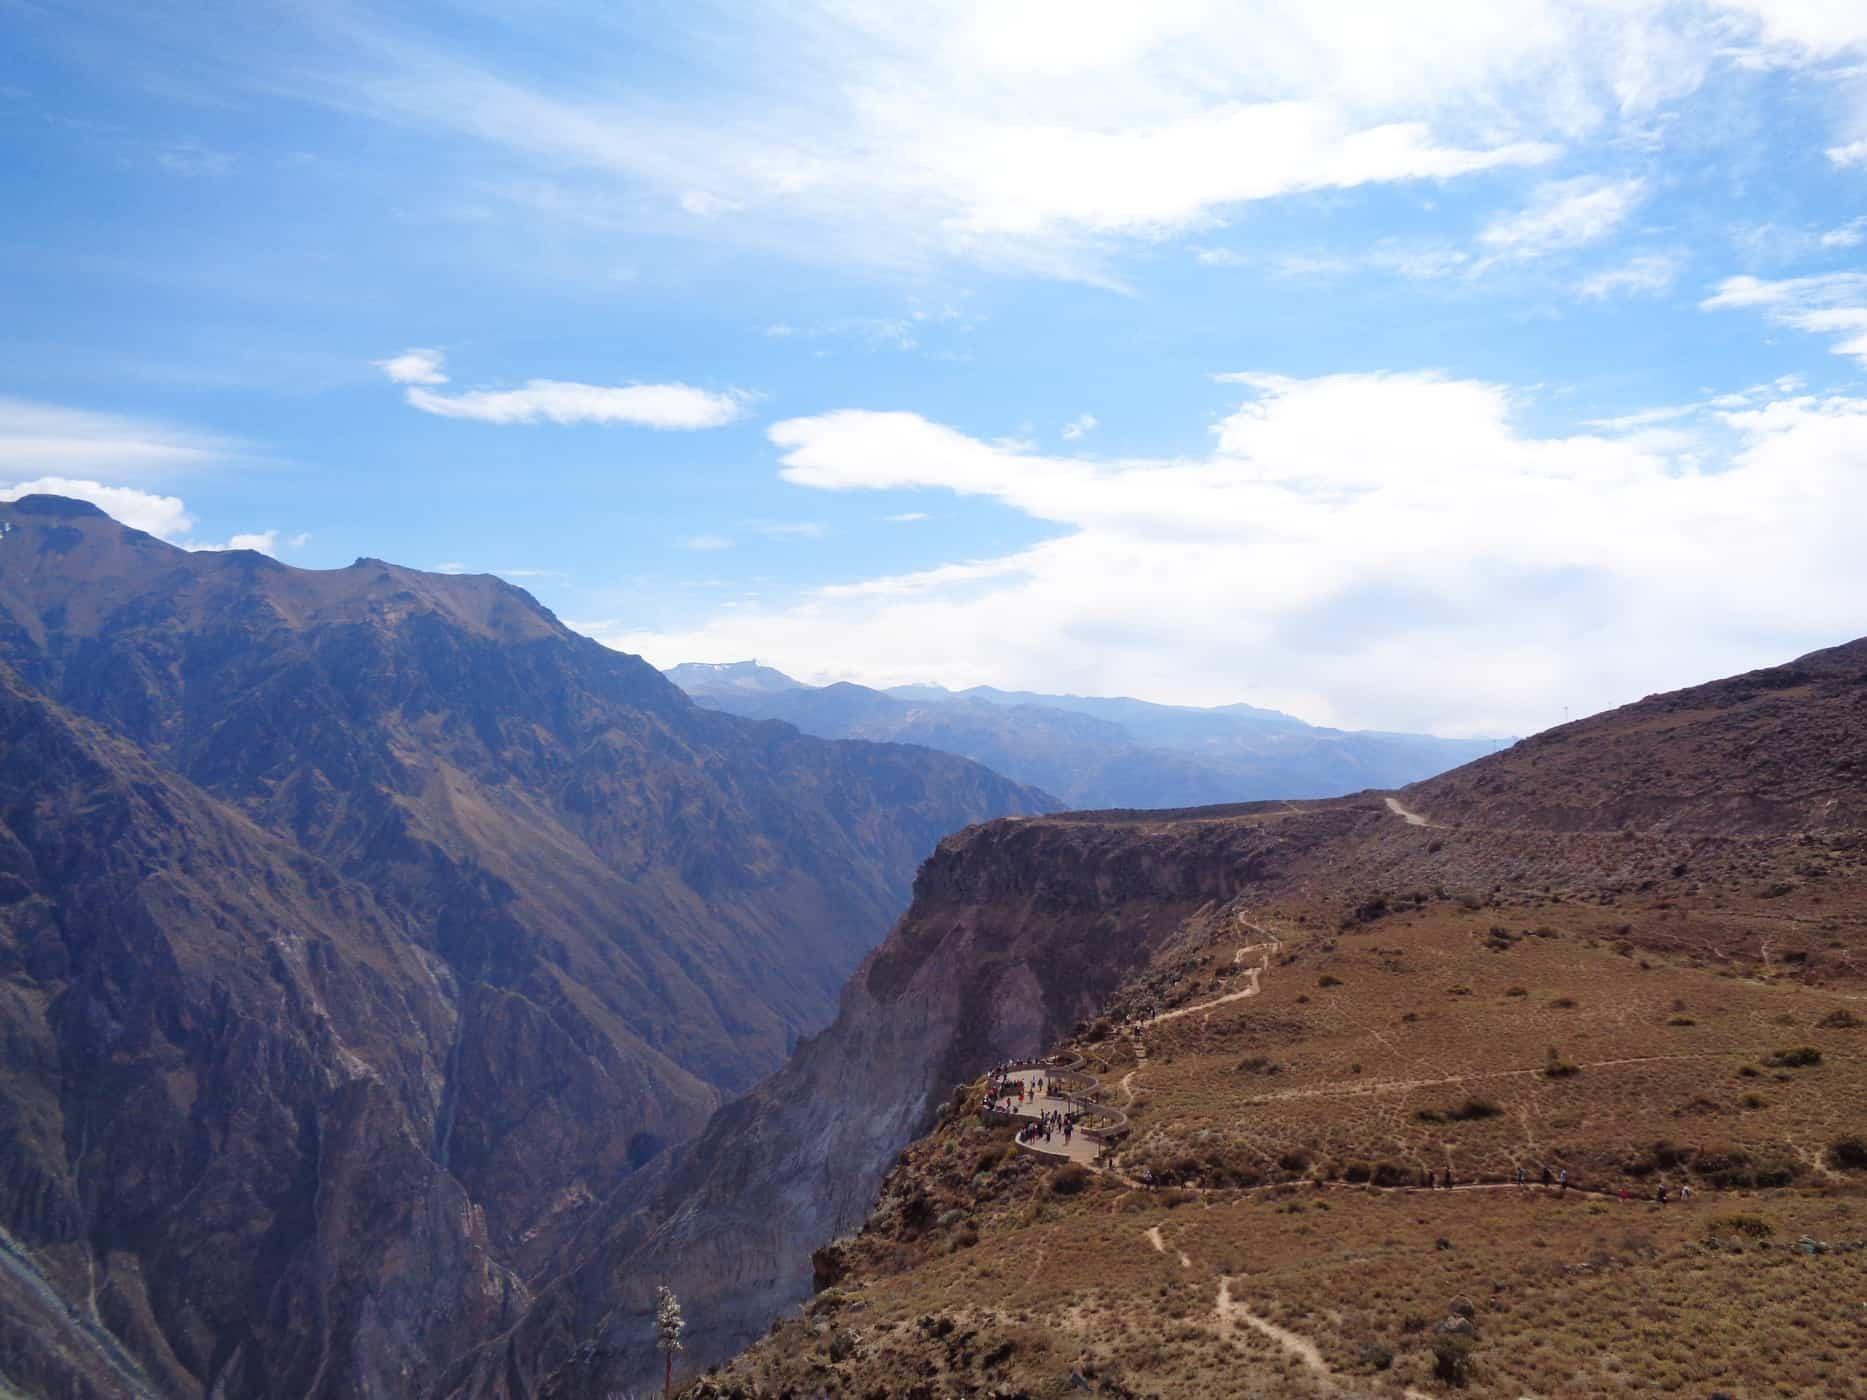 Colca Canyon views from Cross of the Condor Mirador